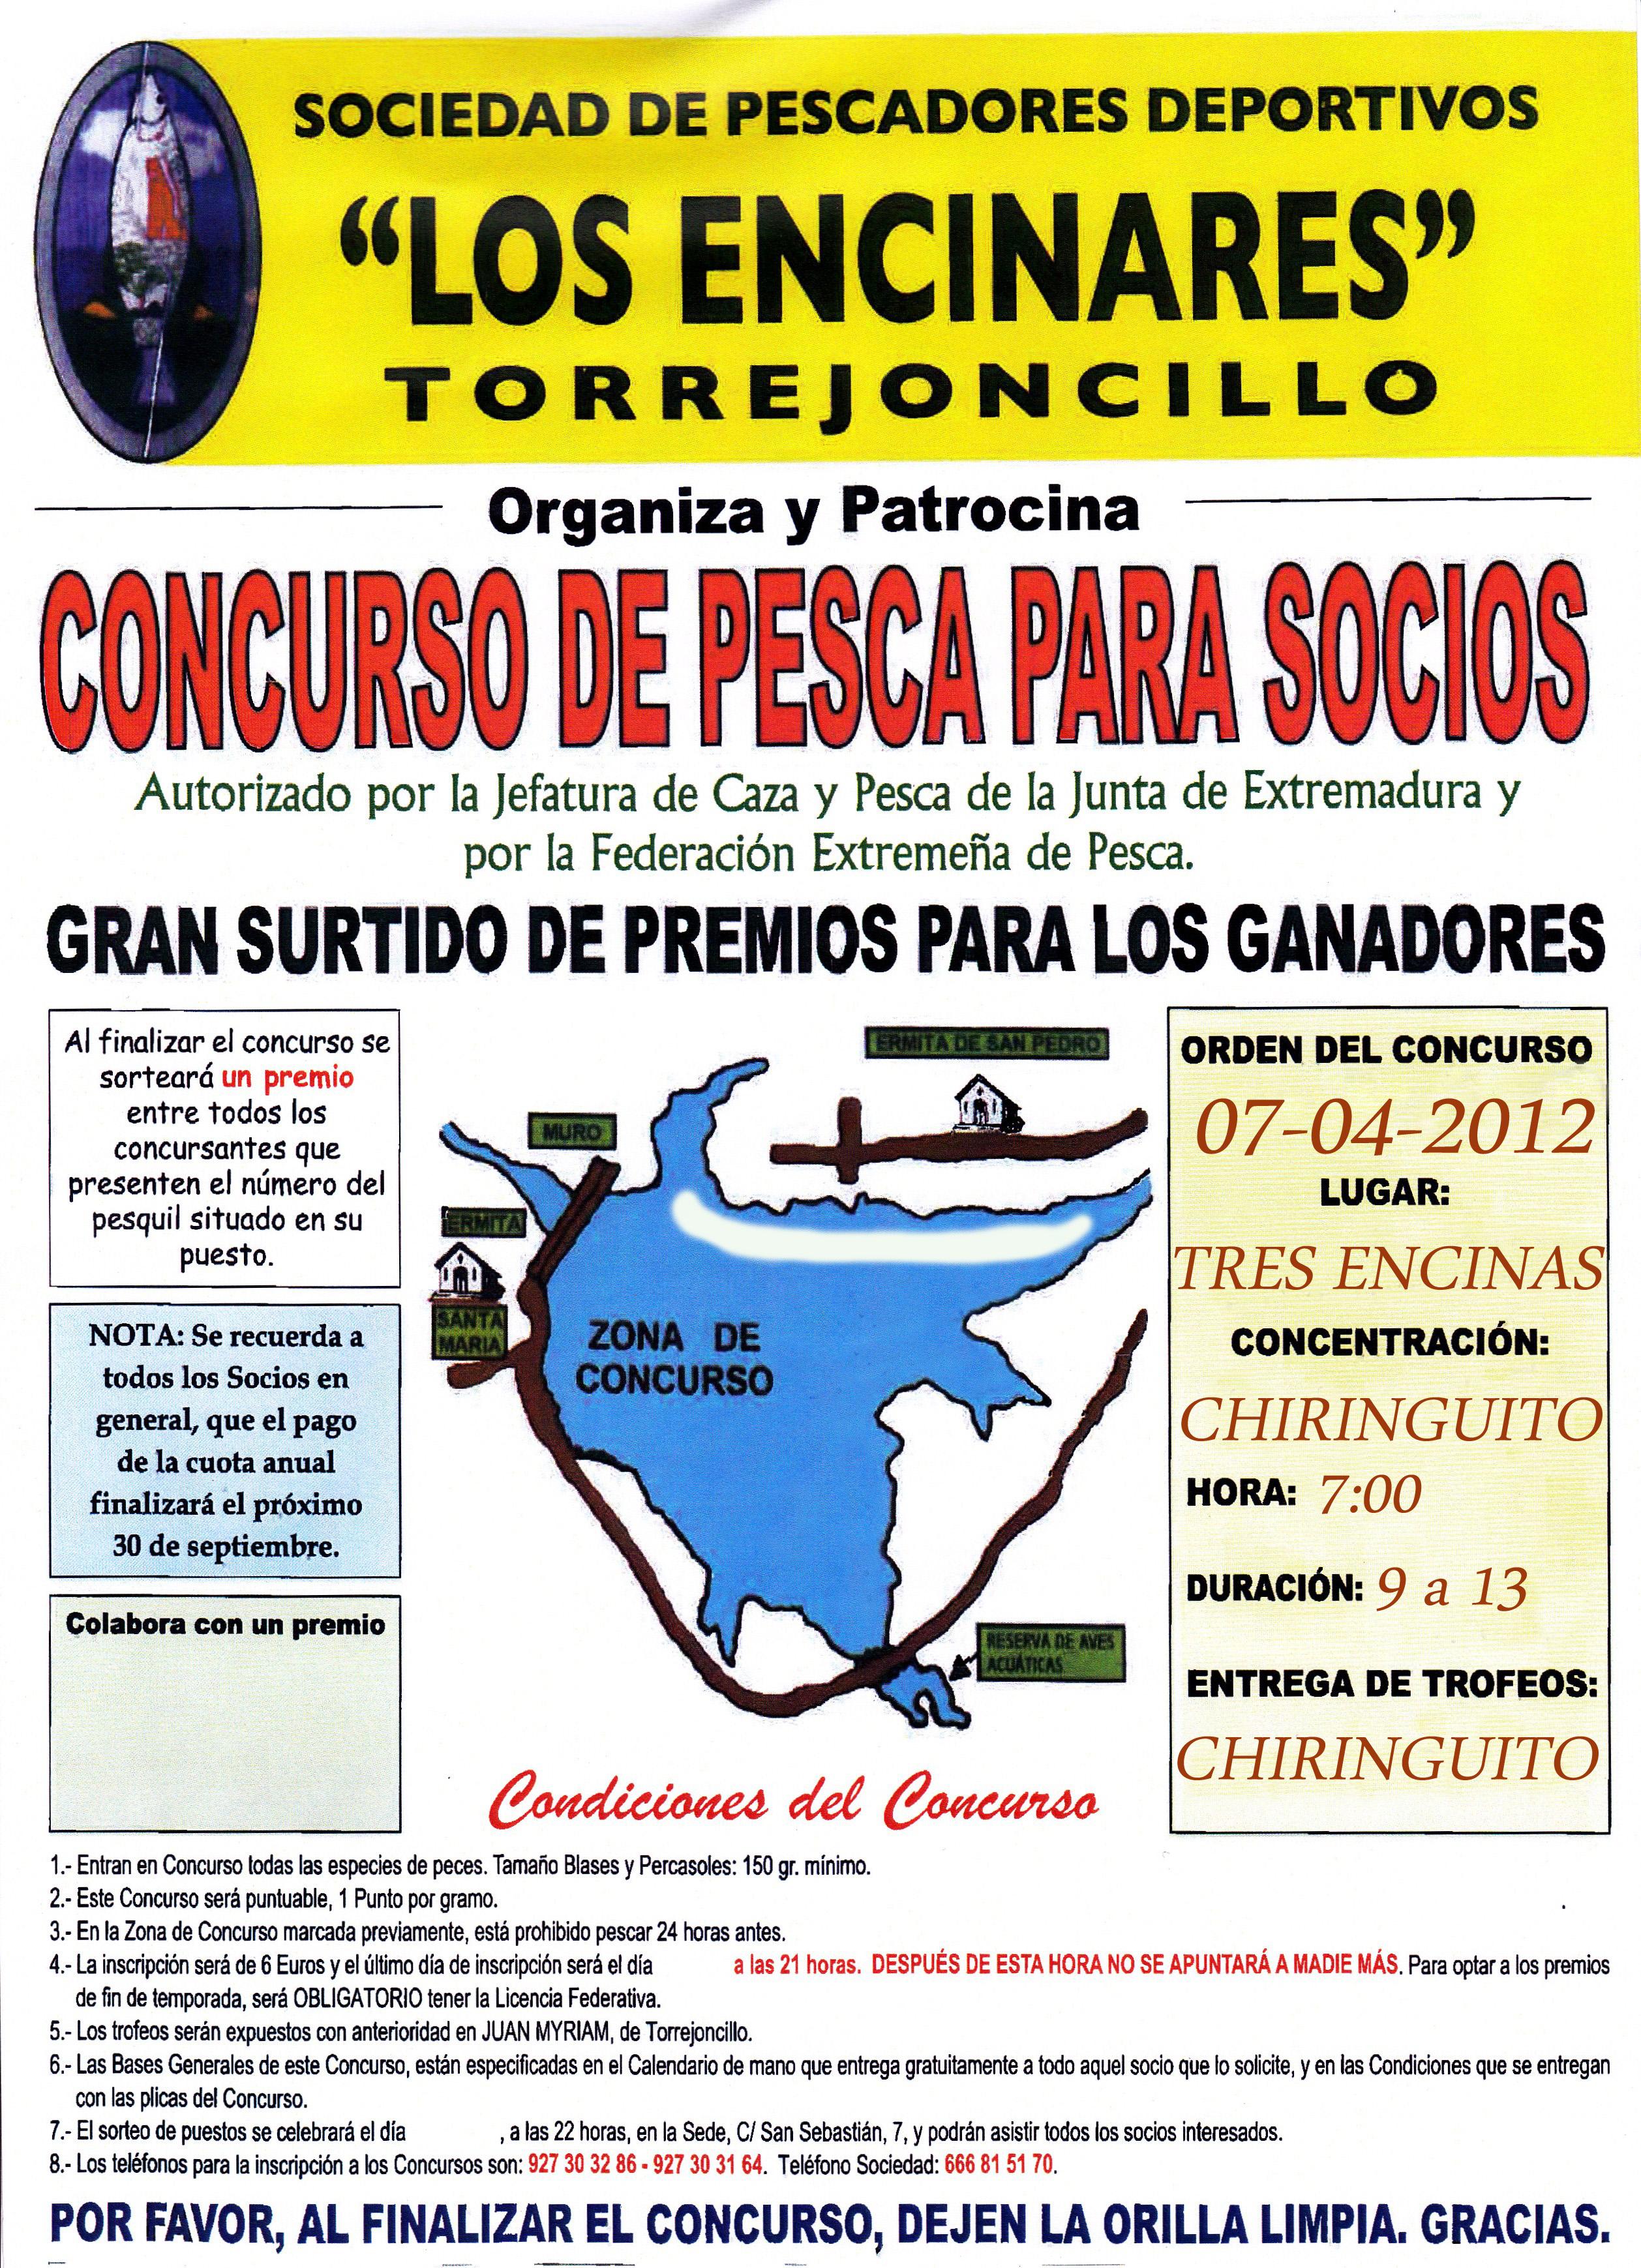 """Concurso de pesca """"La Romería"""" de la Sociedad Deportiva """"Los Encinares"""""""